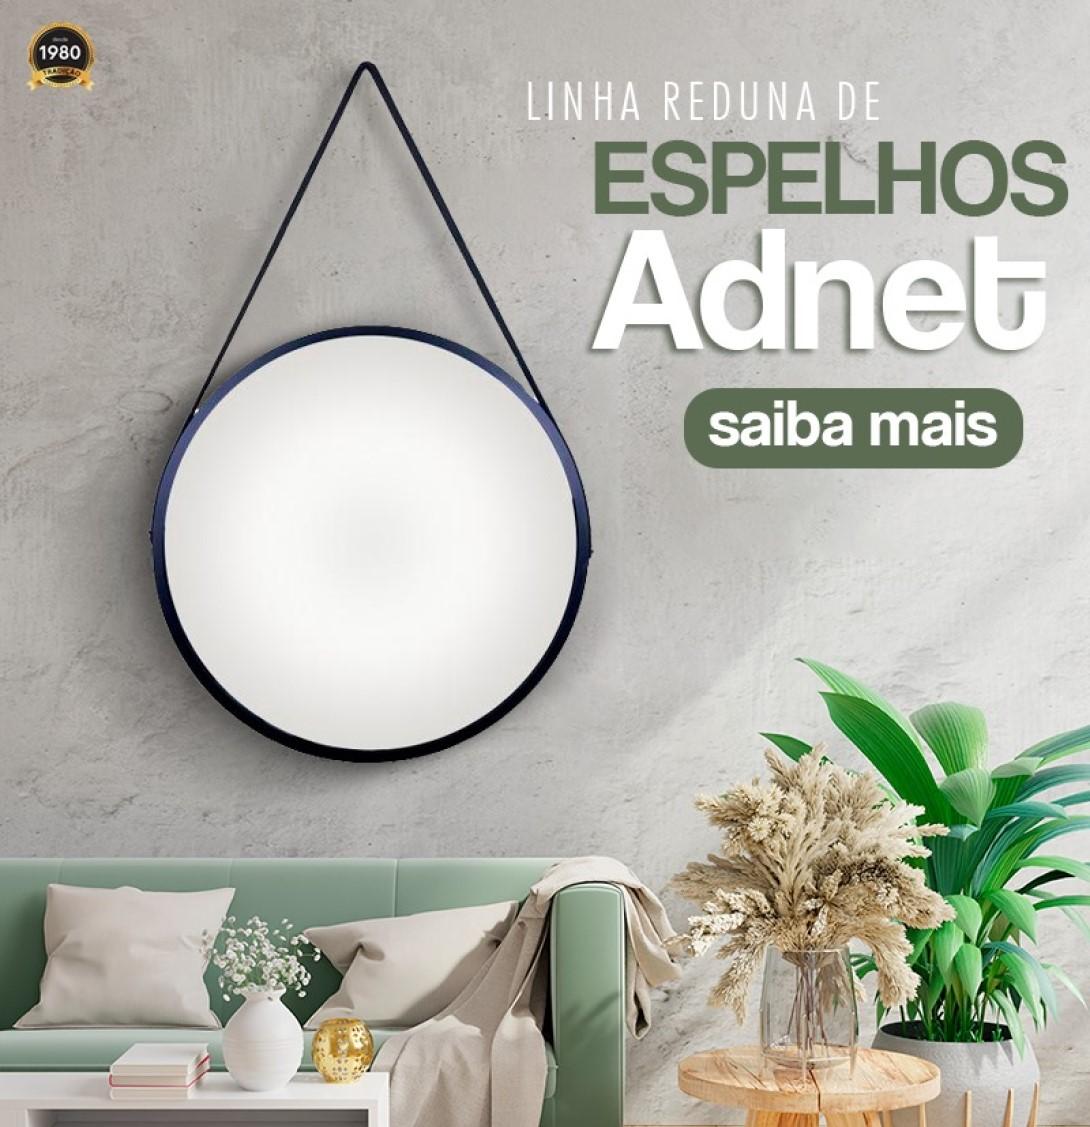 Espelho Adnet 60cm marrom com alça preta